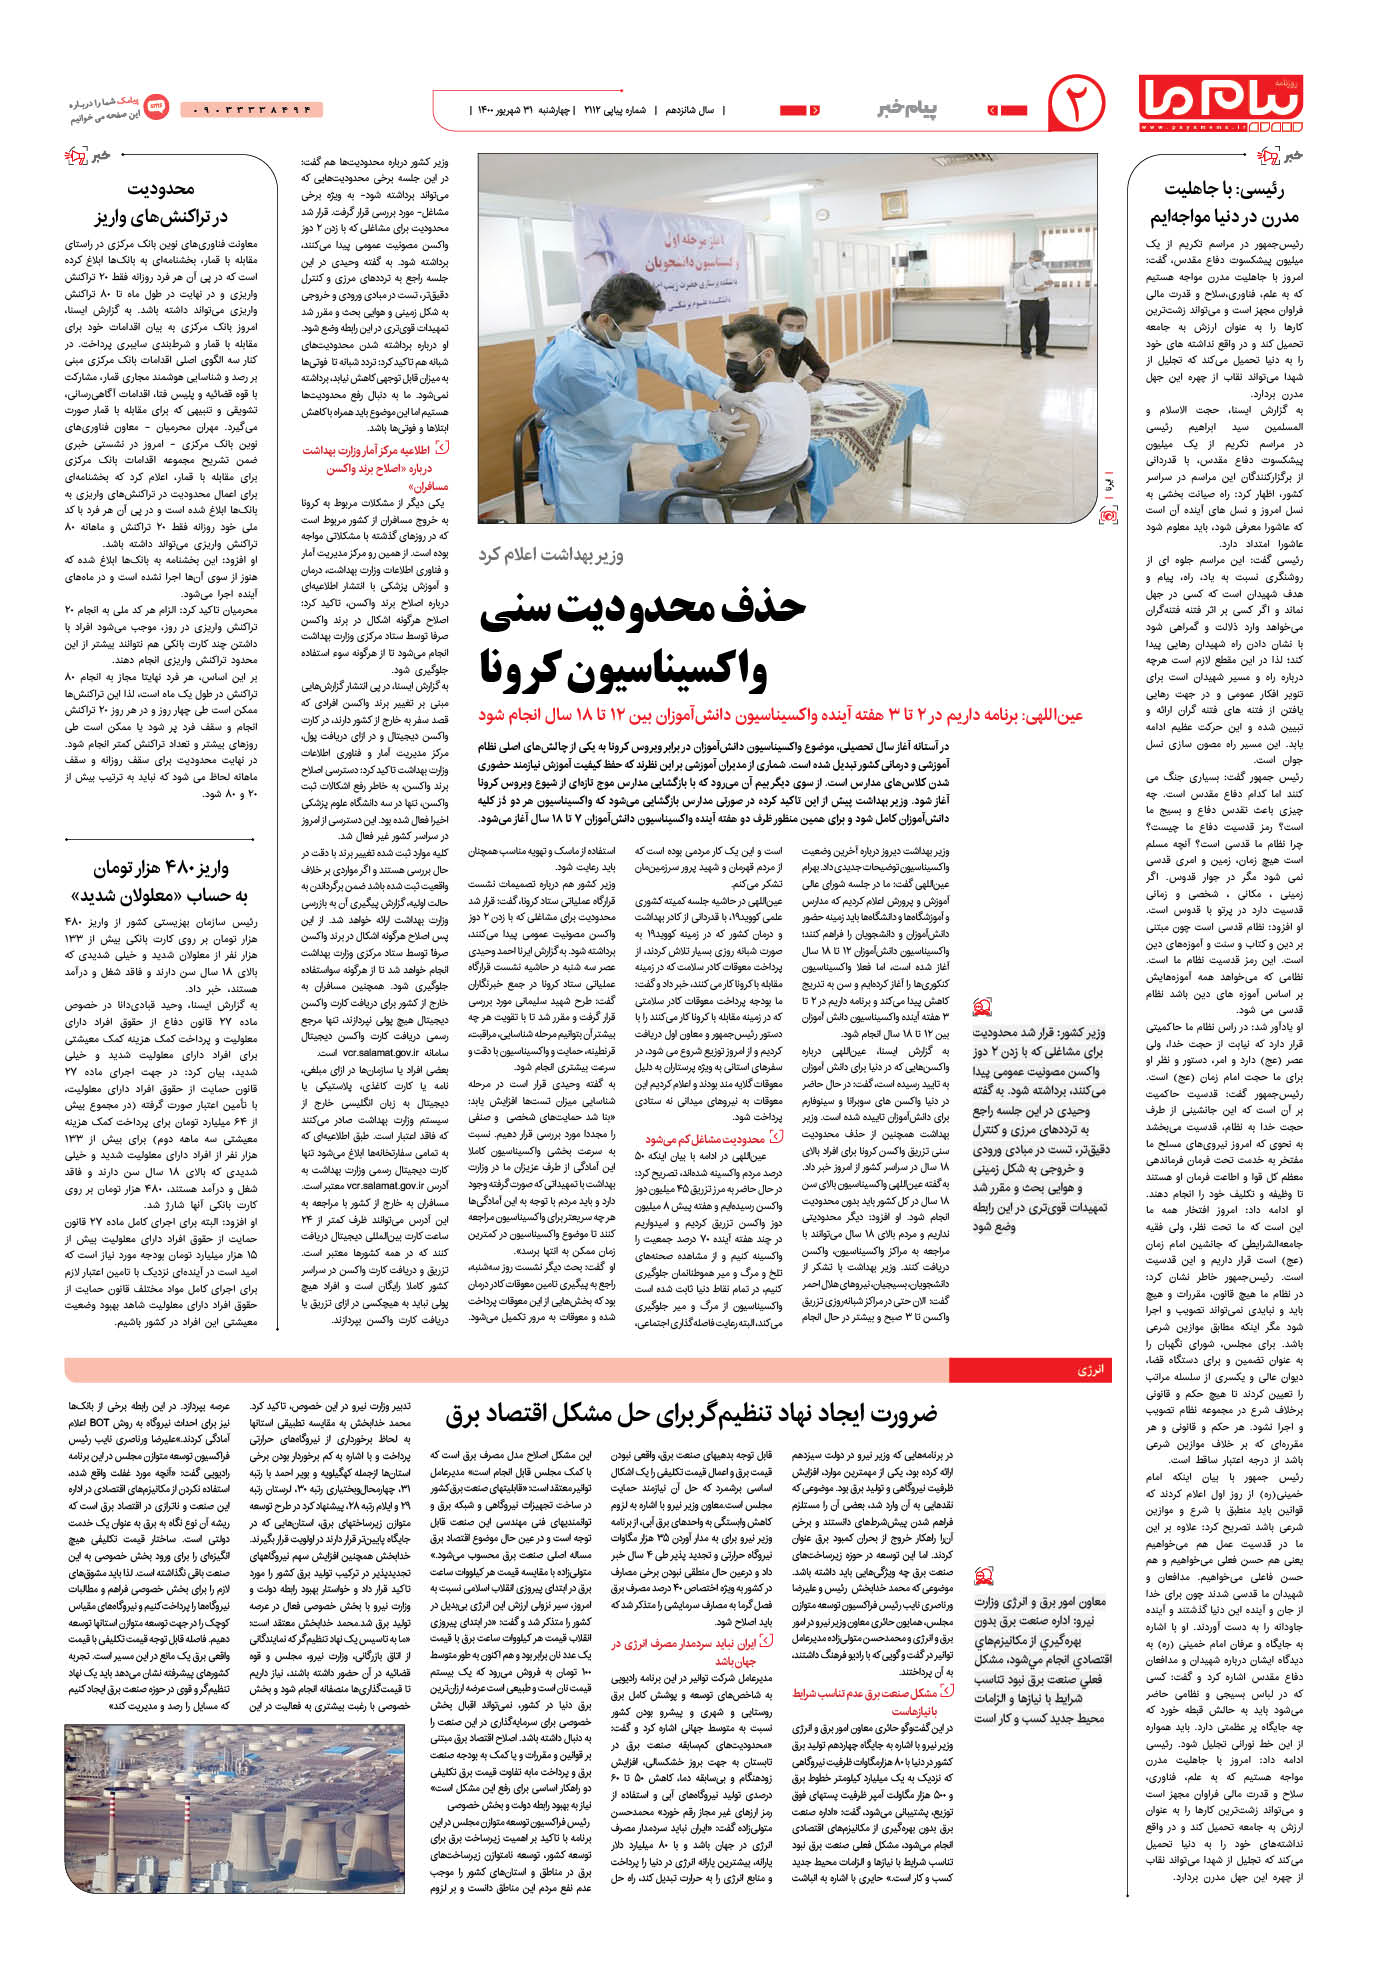 صفحه پیام خبر شماره 2112 روزنامه پیام ما